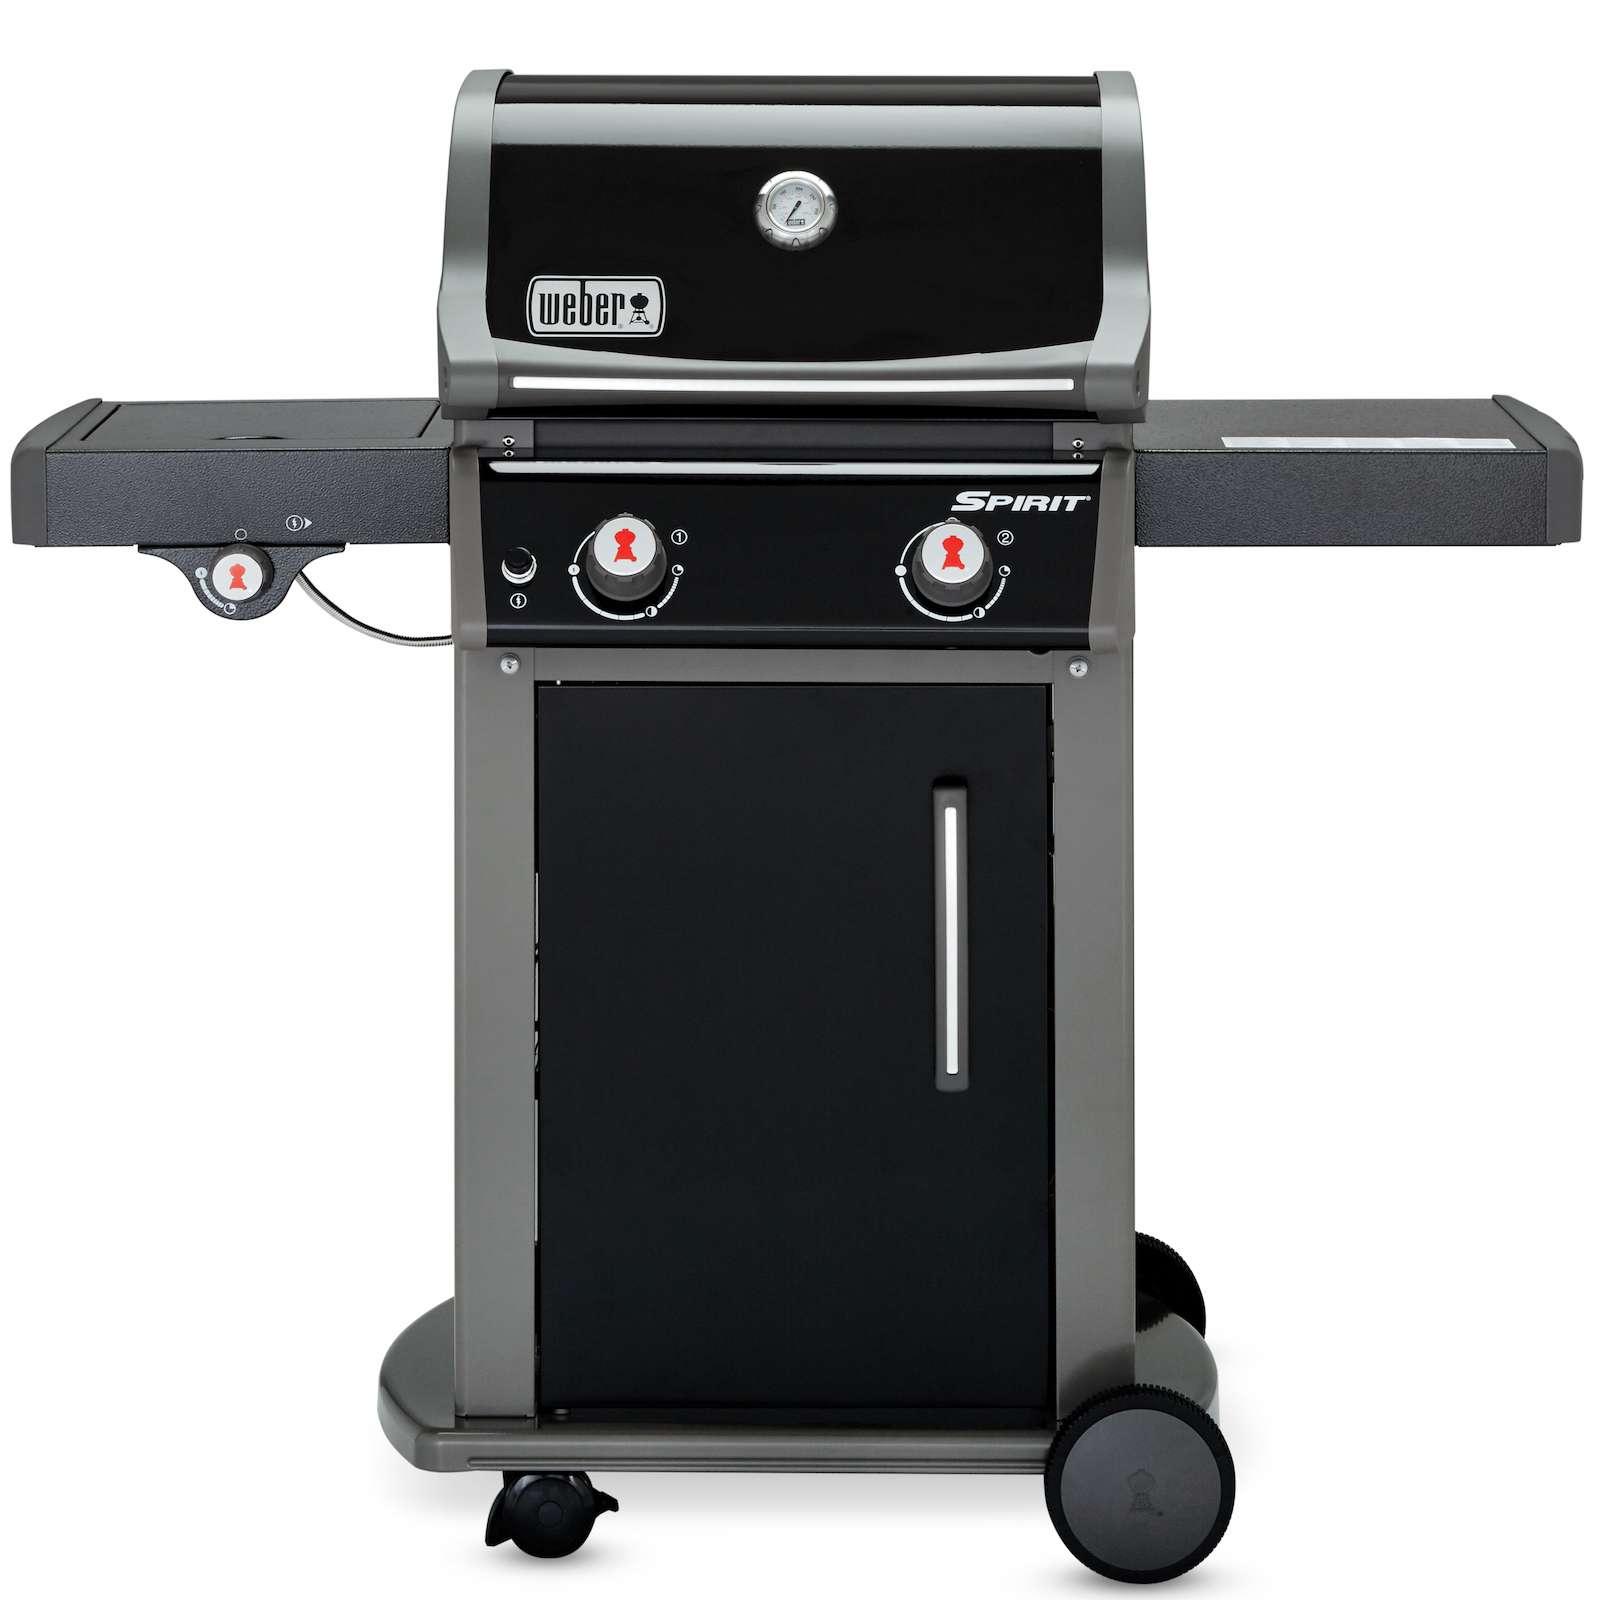 weber gasgrill spirit e 220 original gbs black grillwelt24. Black Bedroom Furniture Sets. Home Design Ideas